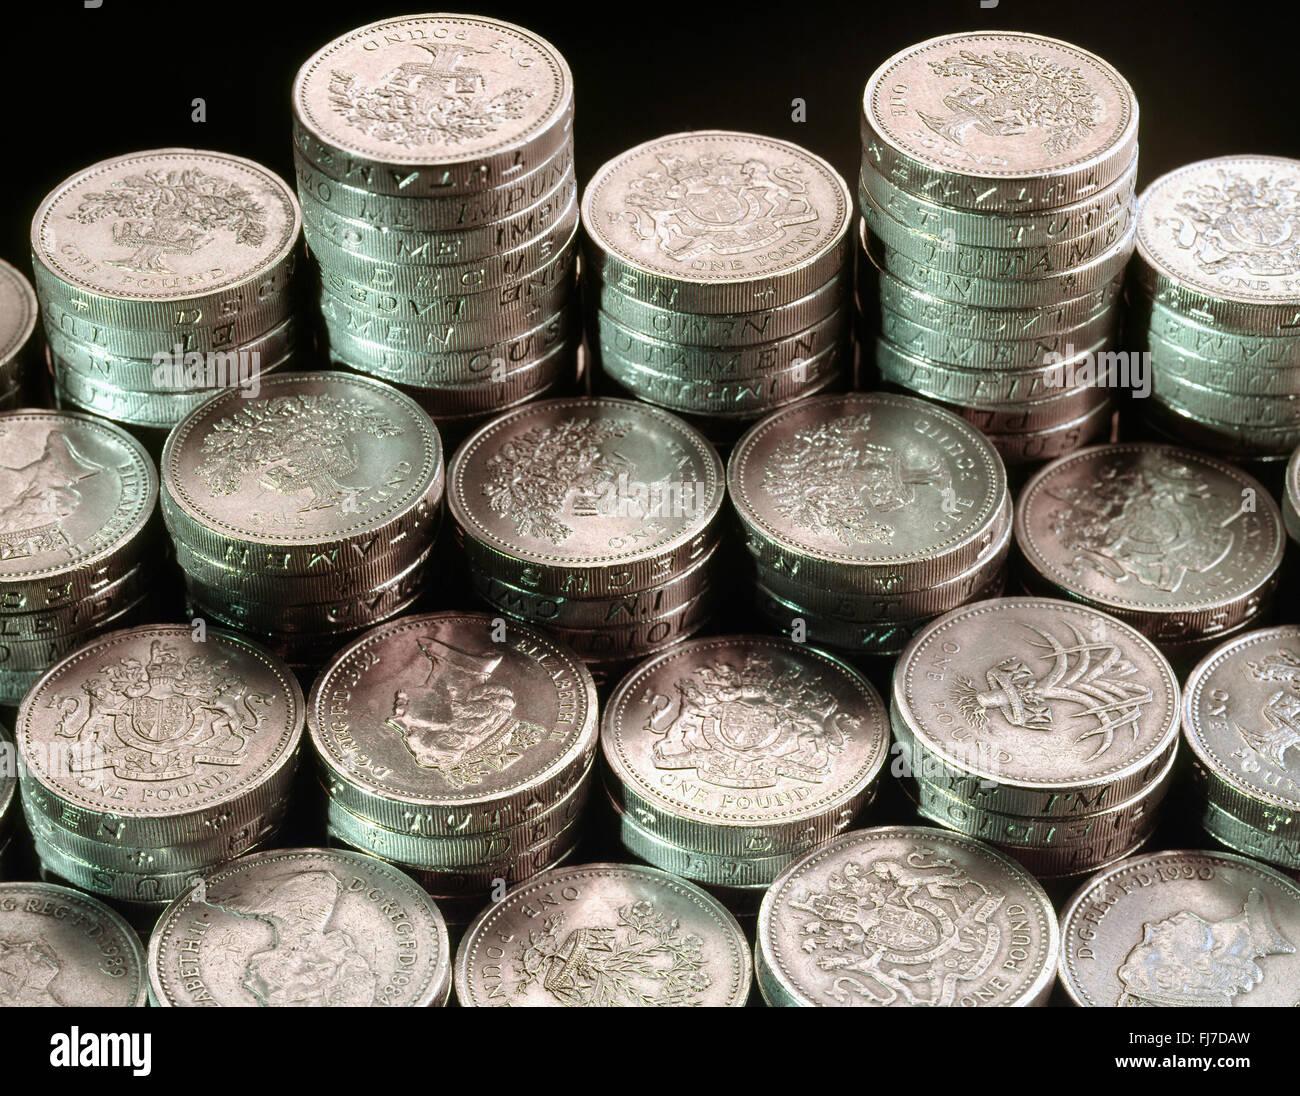 Stapel Von Britischen Pfund Münzen London England Vereinigtes